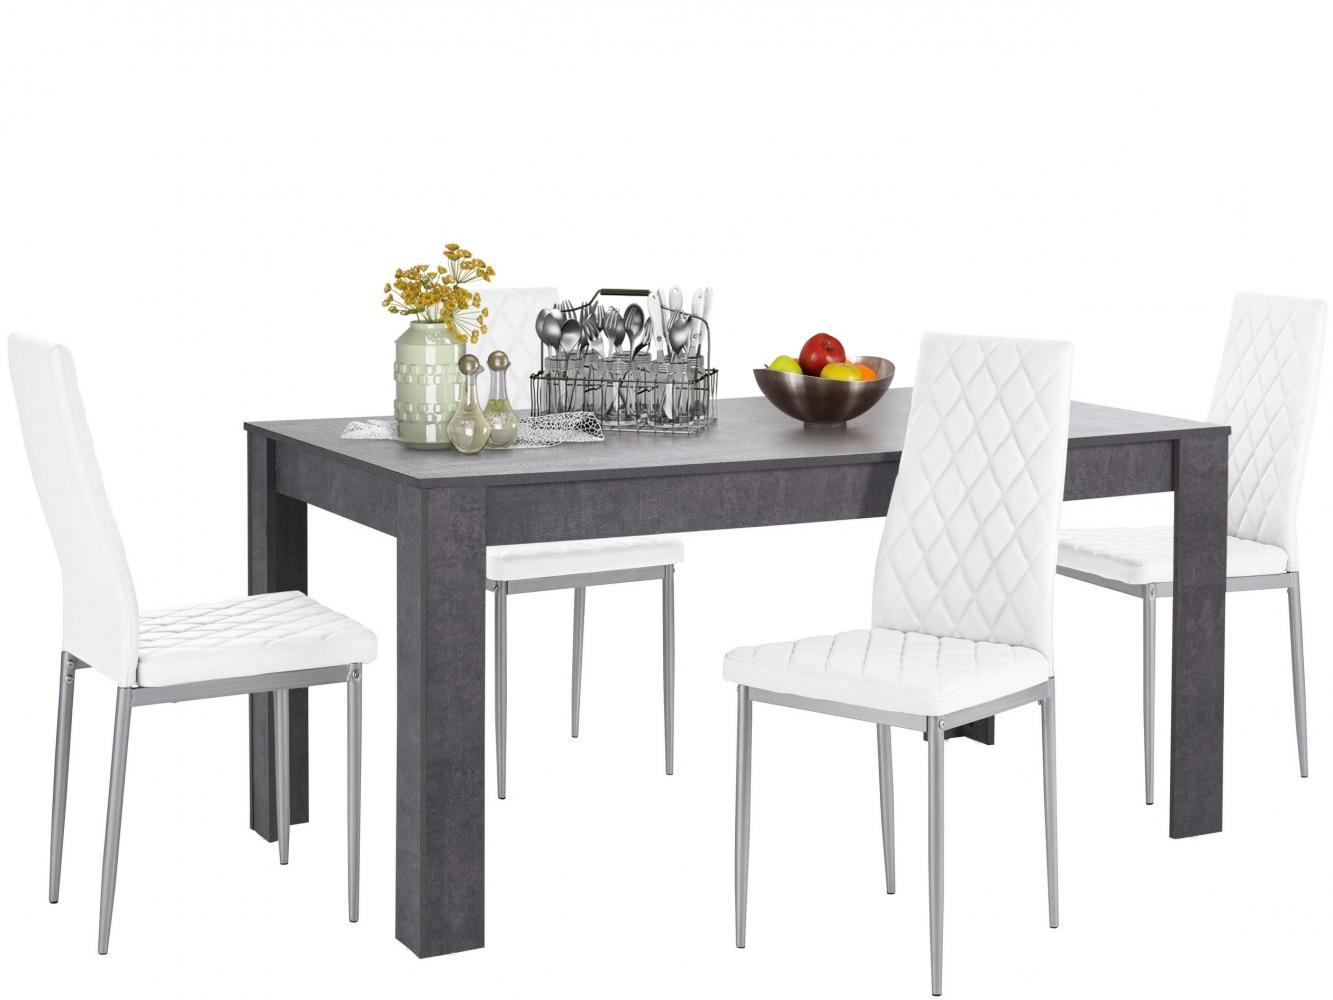 Jídelní set Bero 4+1, 160 cm, bílá / tmavě šedá